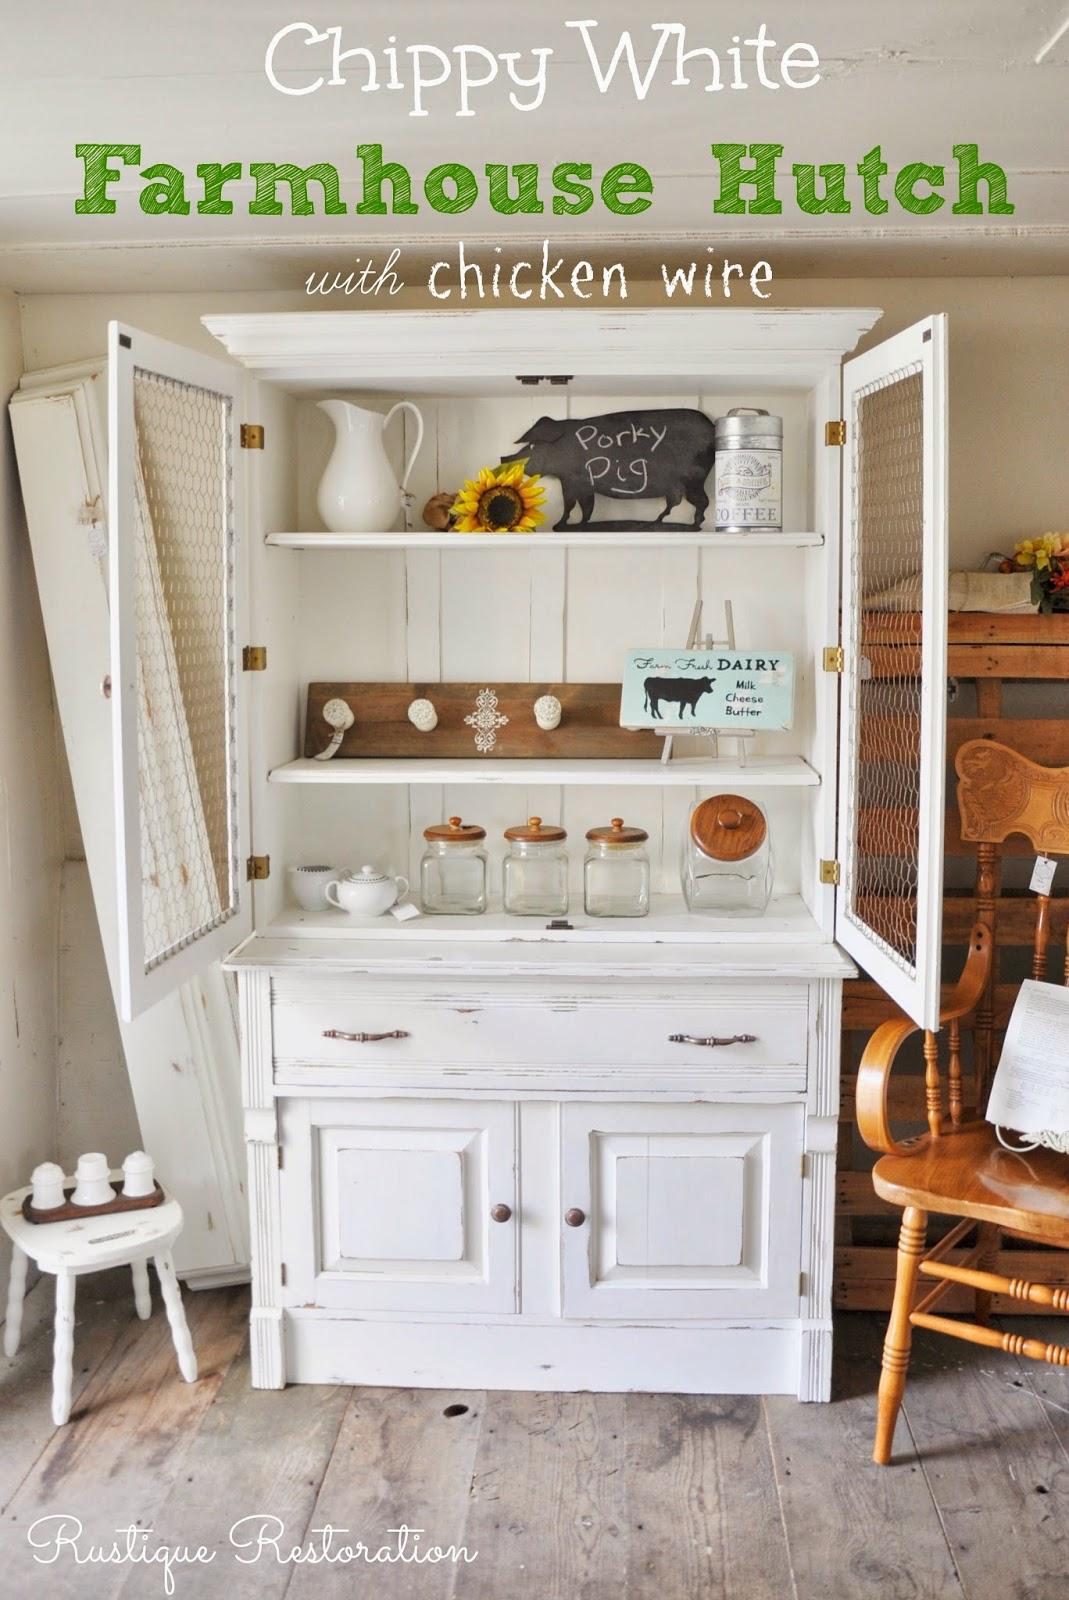 Rustique Restoration: Chippy White Farmhouse Hutch